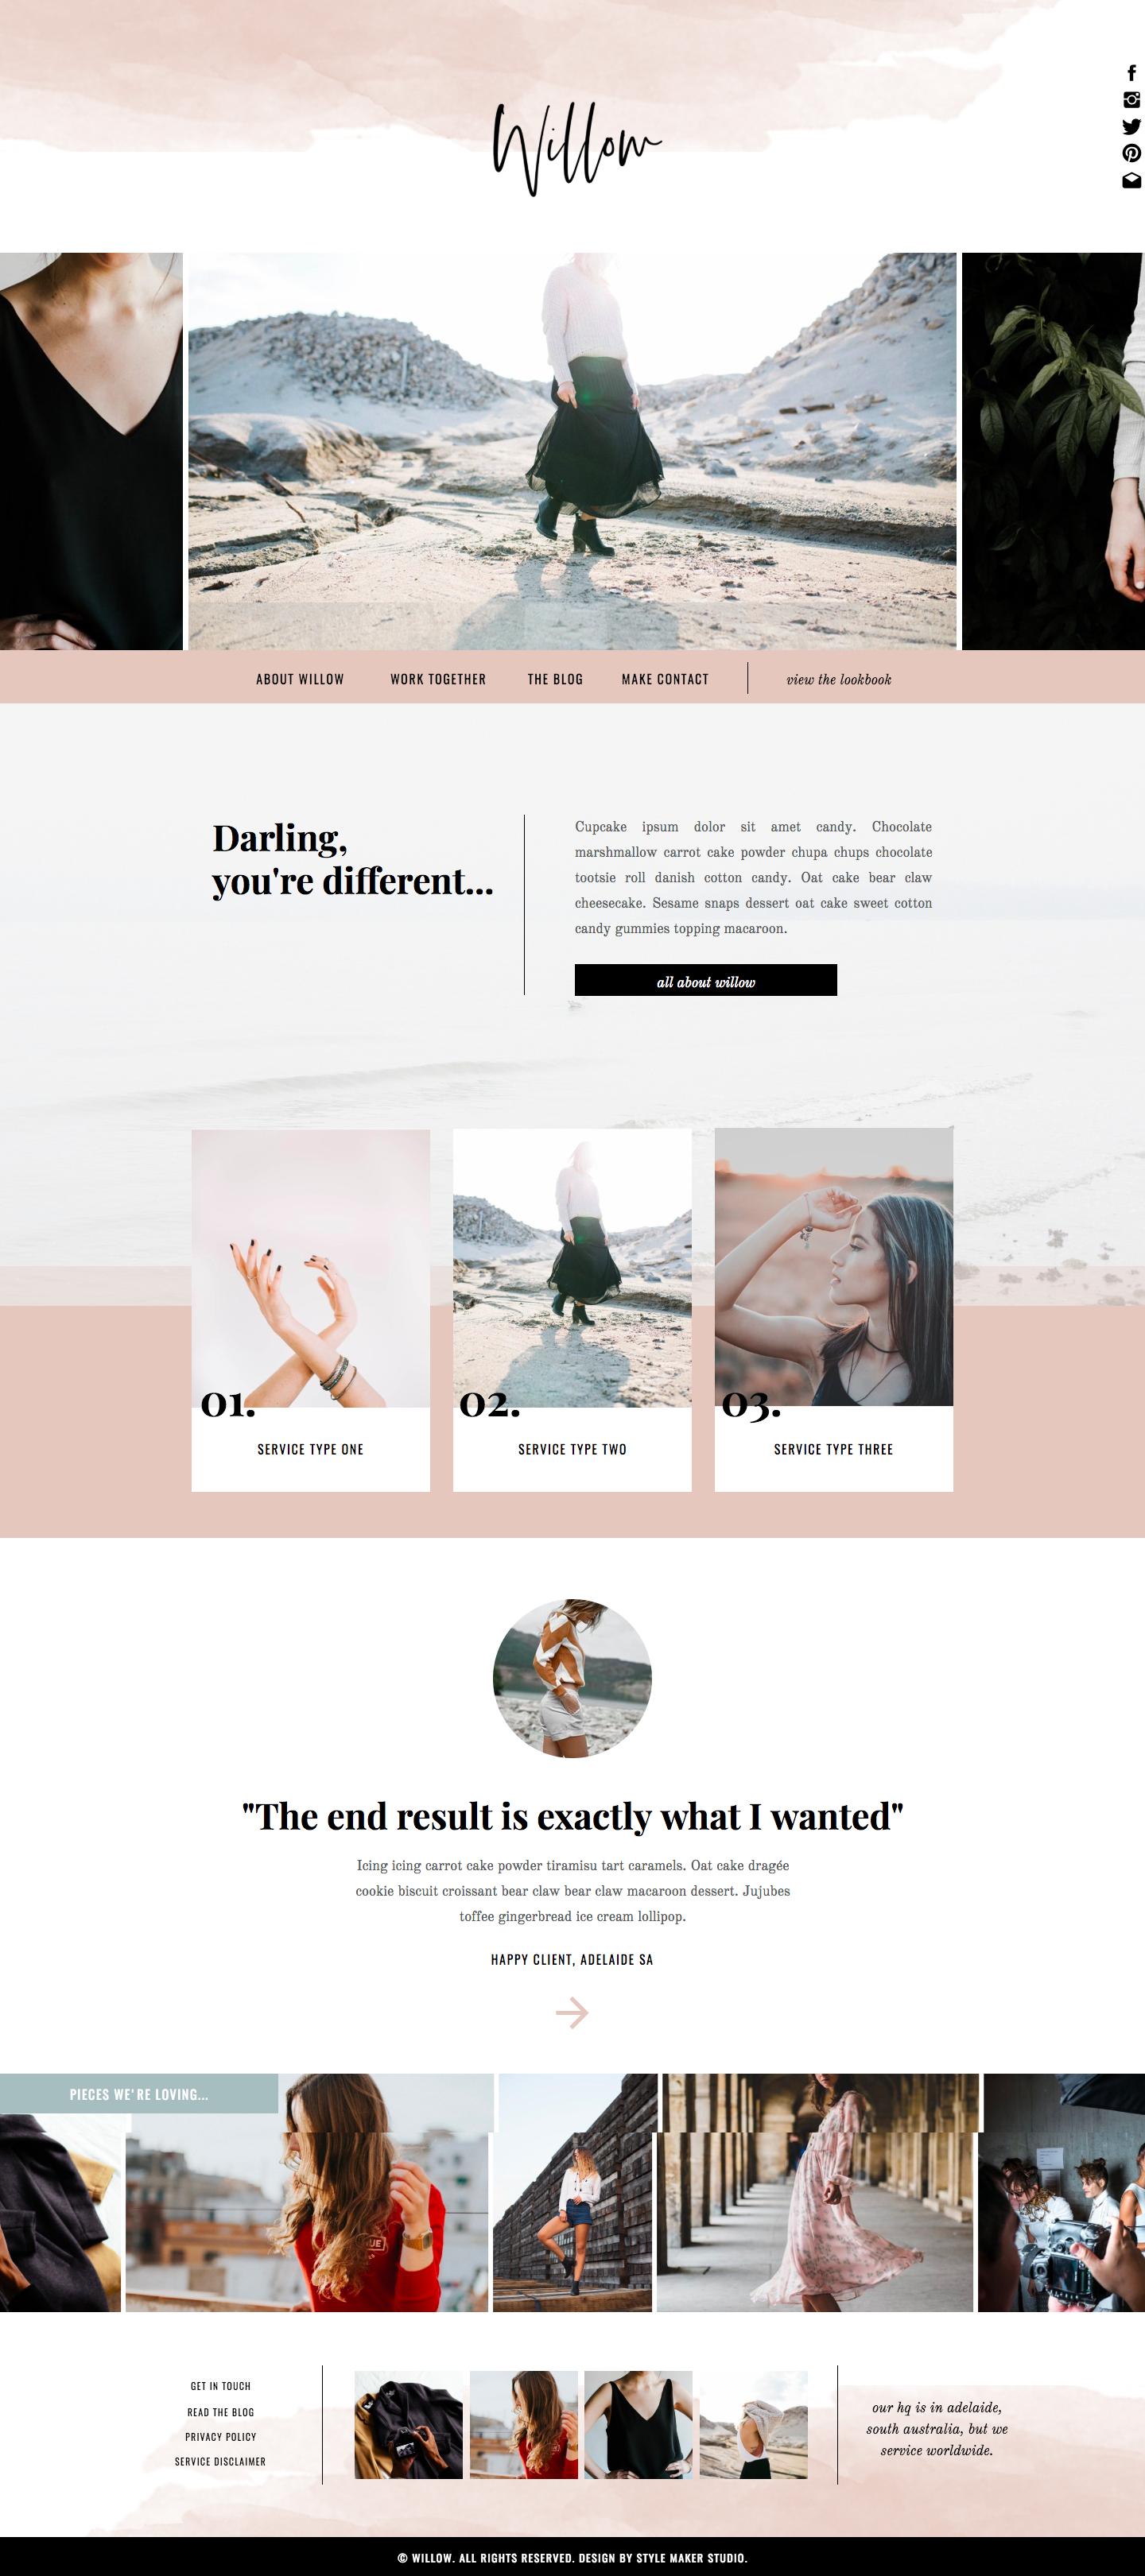 Fashion Website Template For Showit Platform In 2020 Web Layout Design Website Design Layout Website Design Inspiration